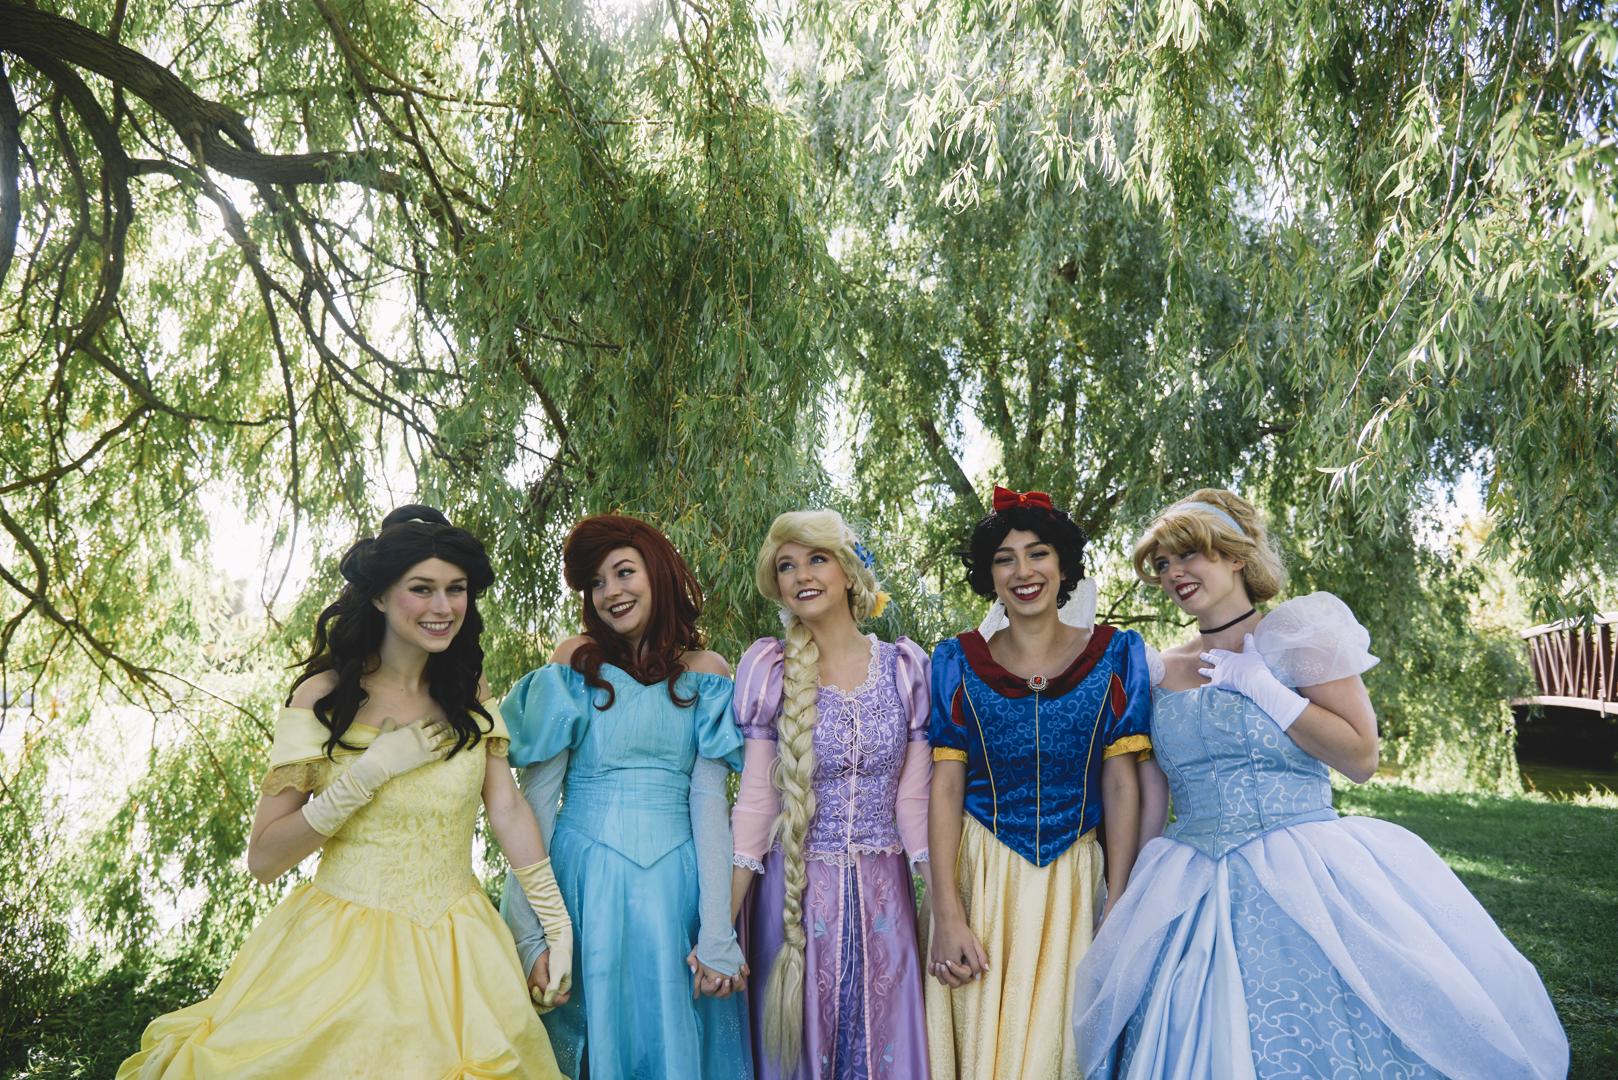 belle ottawa princess party